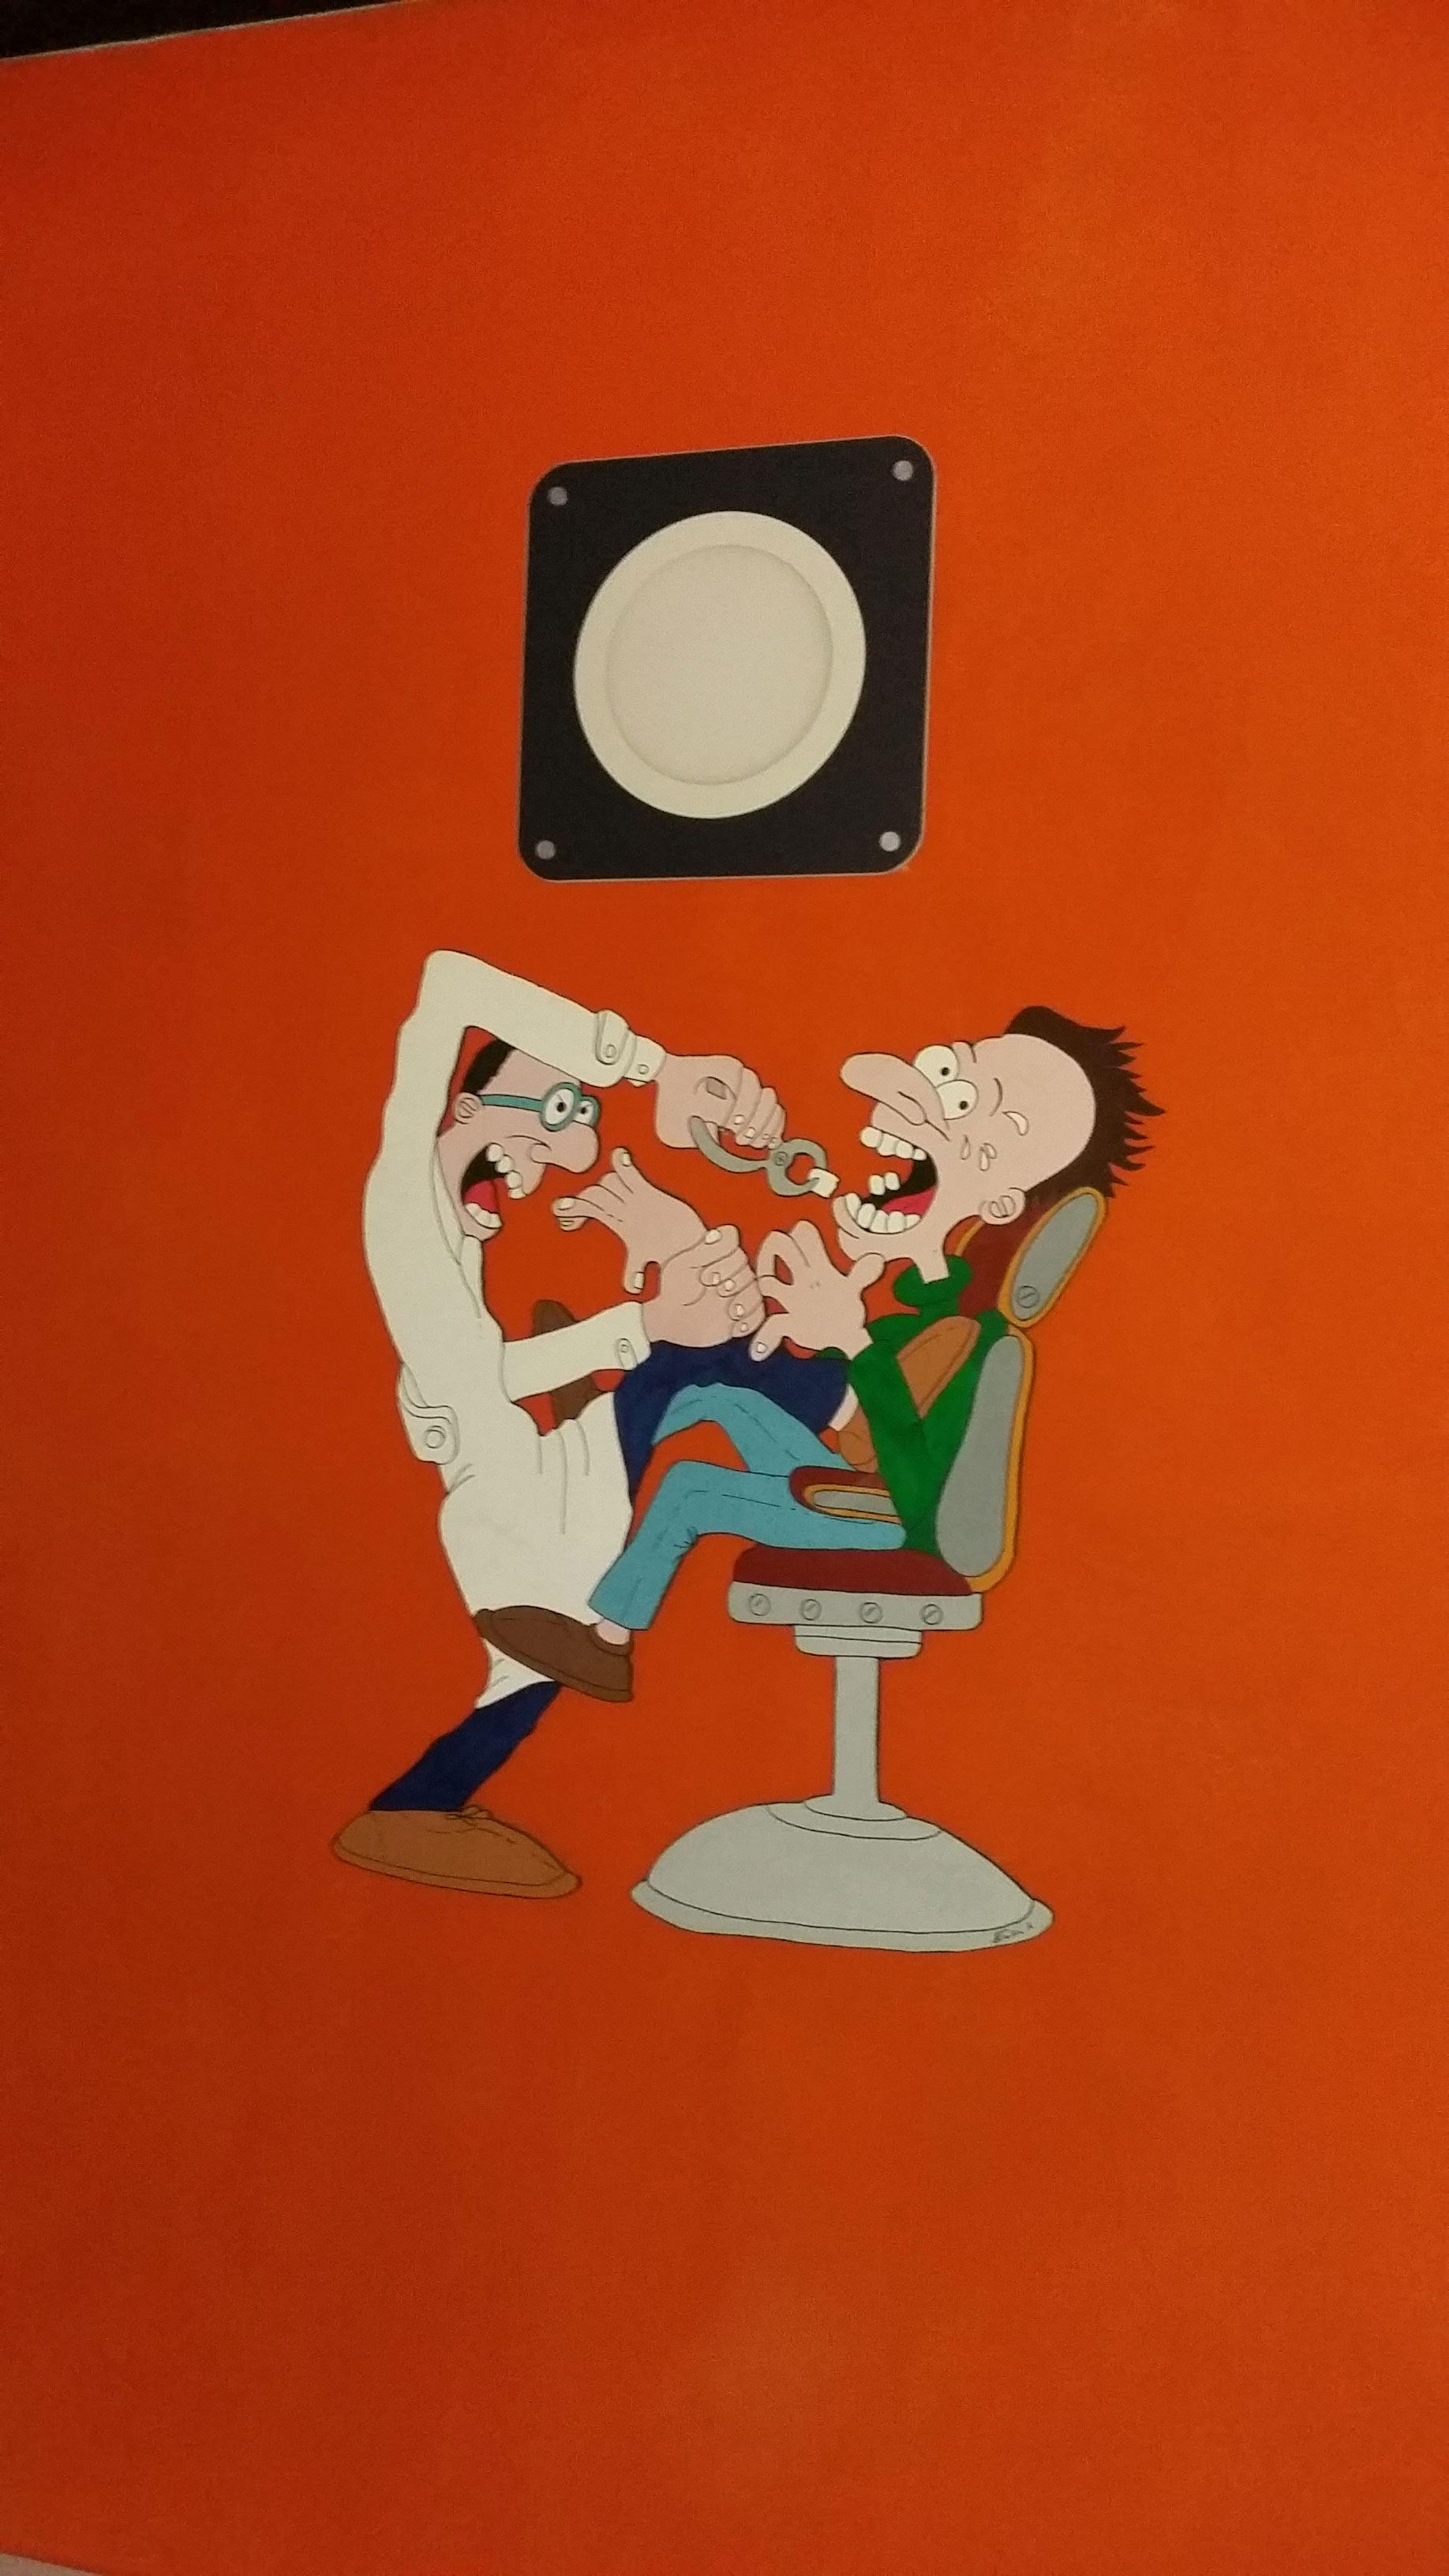 una parete arancione con un disegno divertente stile cartone animato di un uomo che stacca un dente a un altro seduto su una sedia